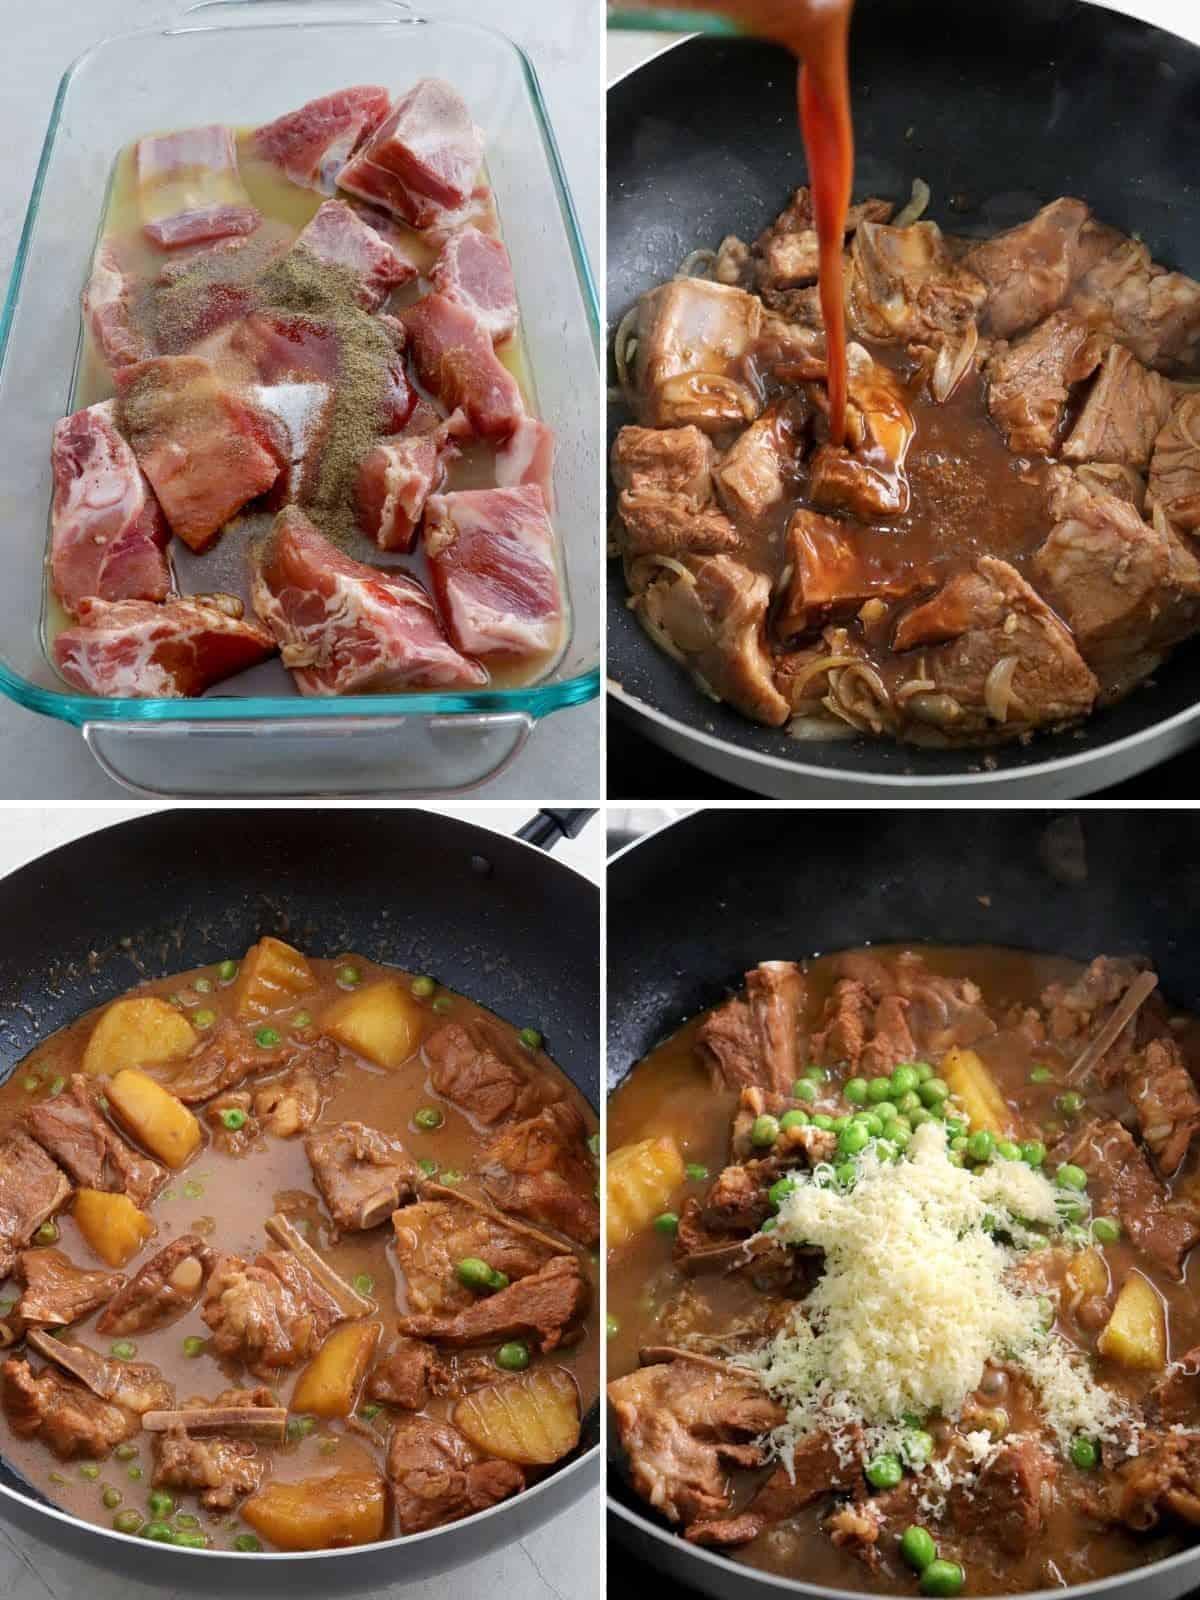 cooking Quezon Province pork kaldereta in a skillet